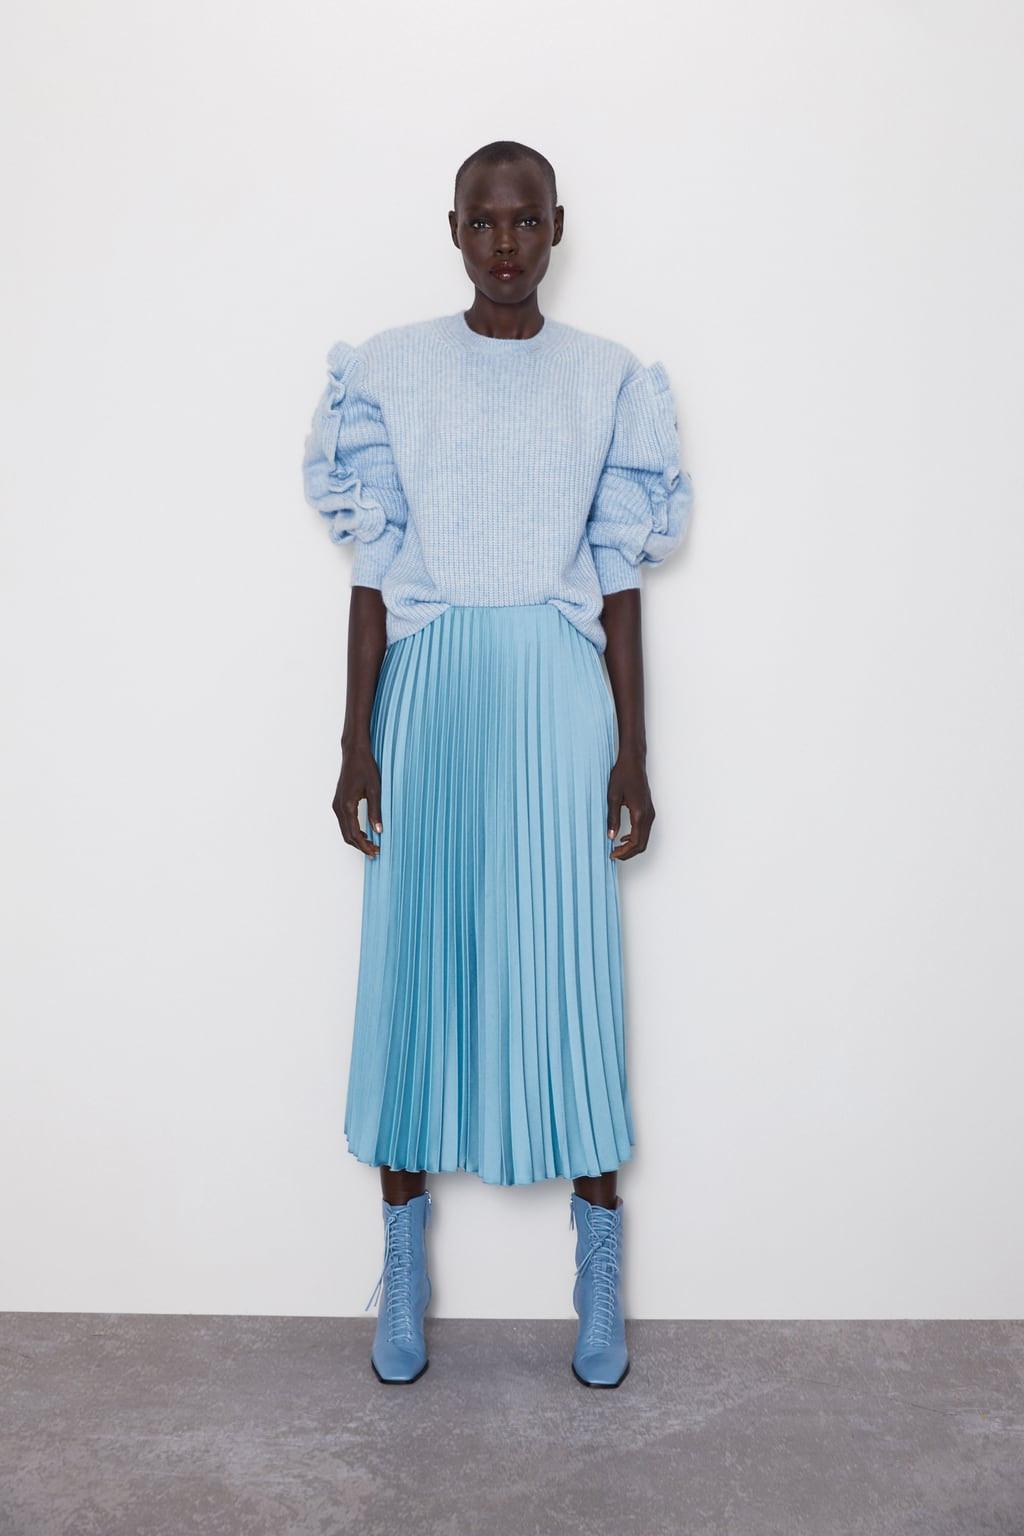 Saia plissa azul, Zara, 25,99 euros.jpg